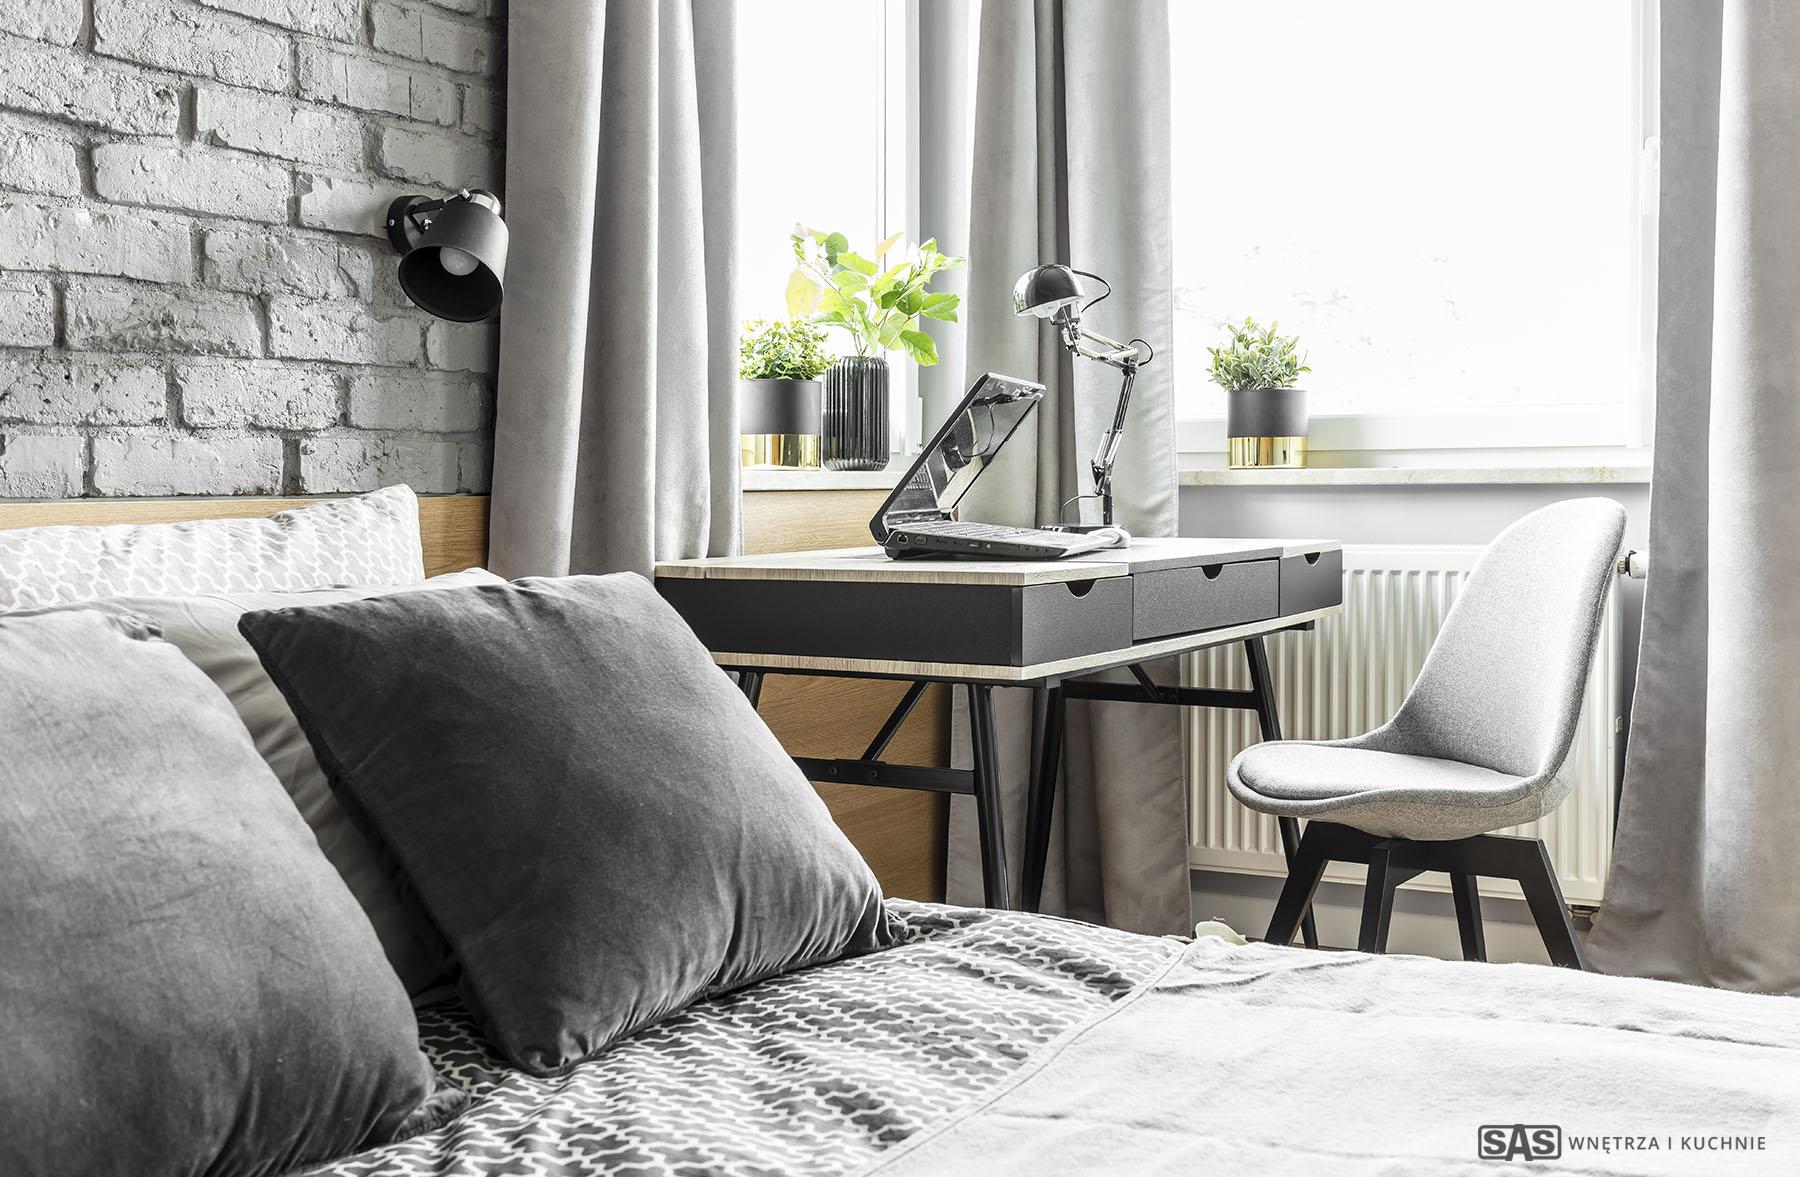 Aranżacja sypialni - zagłówek wykonanie SAS Wnętrze i Kuchnie - projekt architekt wnętrz Emilia Strzempek Plasun.